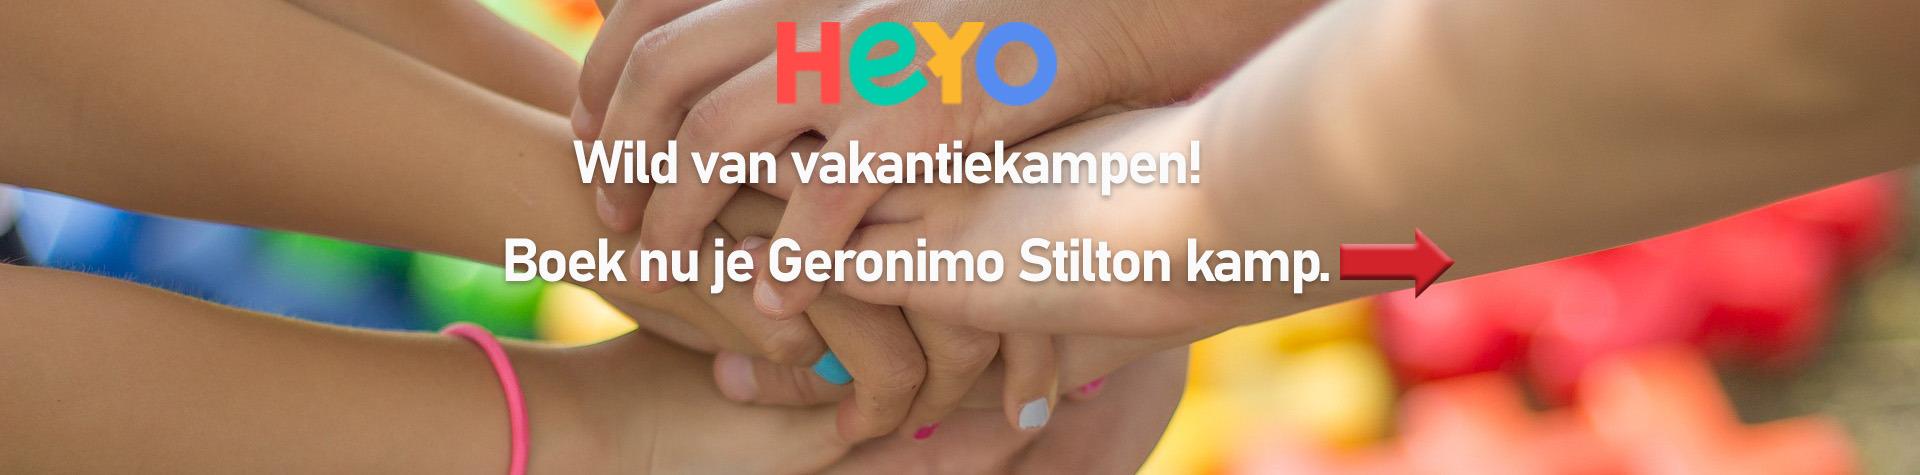 Bedenk je eigen avontuur met Geronimo!